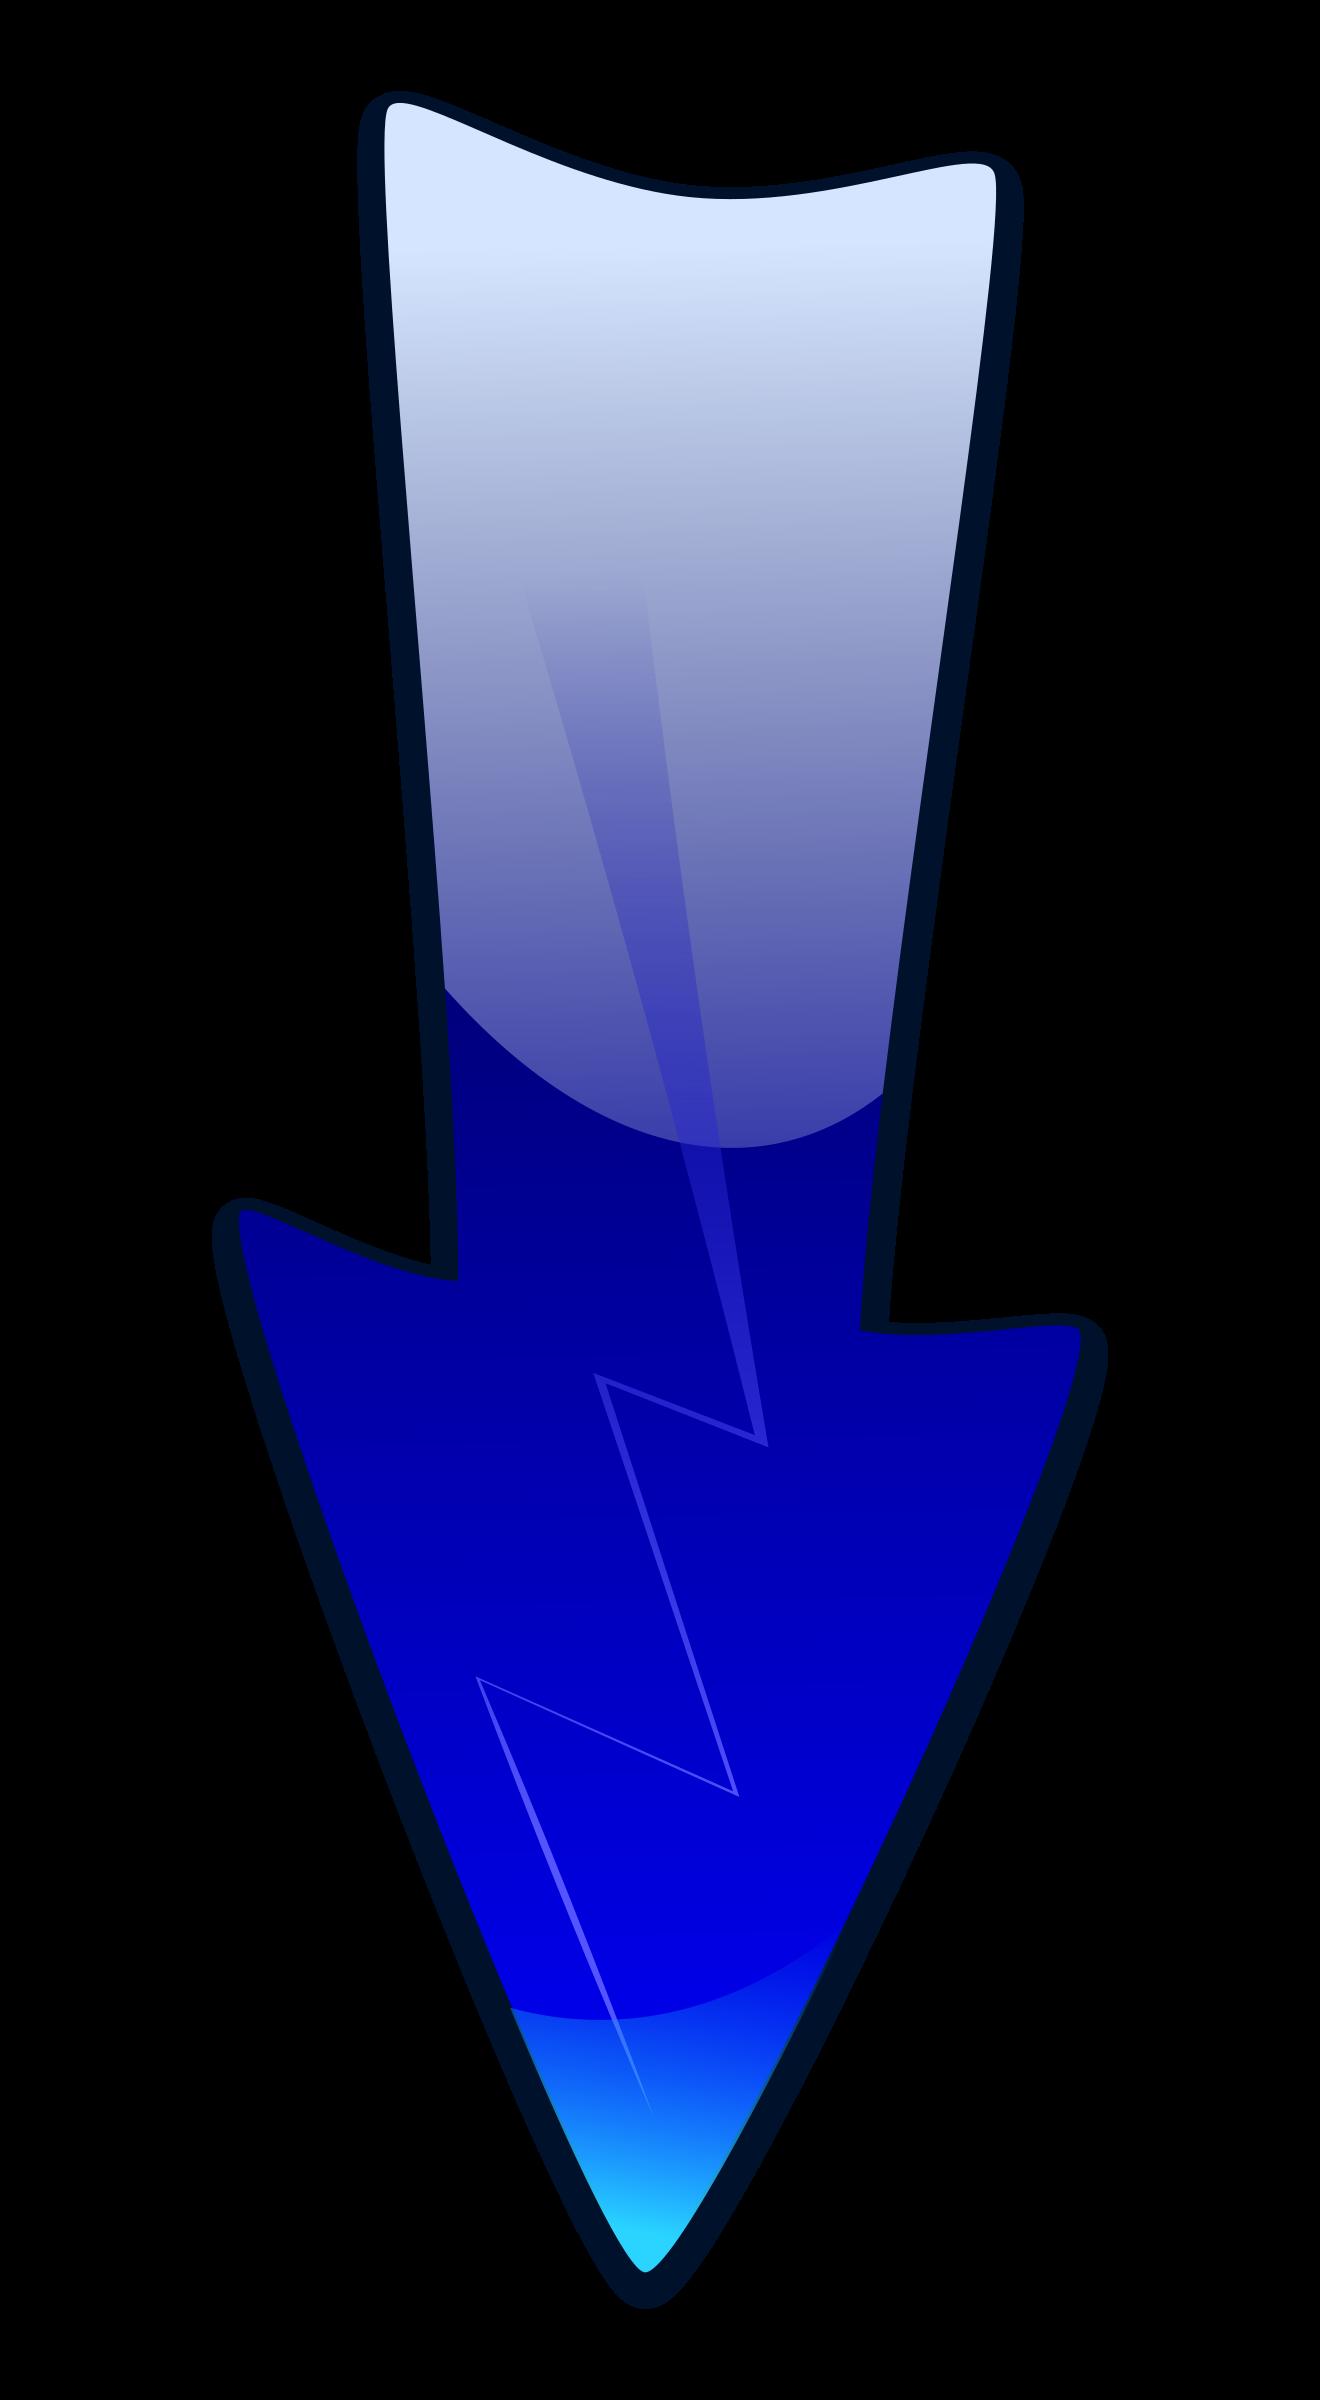 Clip art down arrow png transparent download Clipart - Long Arrow Down png transparent download